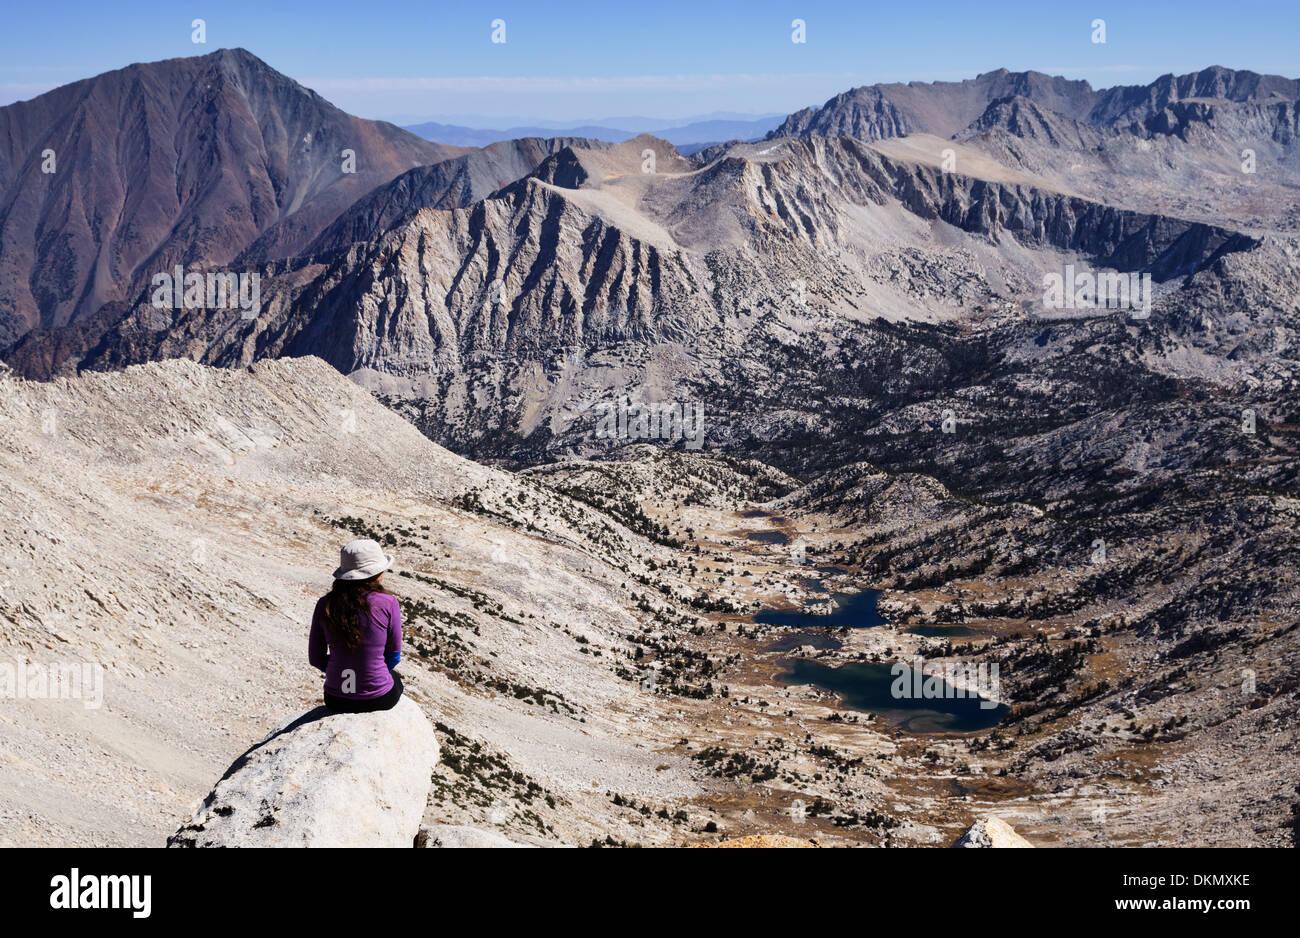 Frau sitzt auf einem Berg mit Blick auf die Sierra Nevada Berge betrachten Stockbild